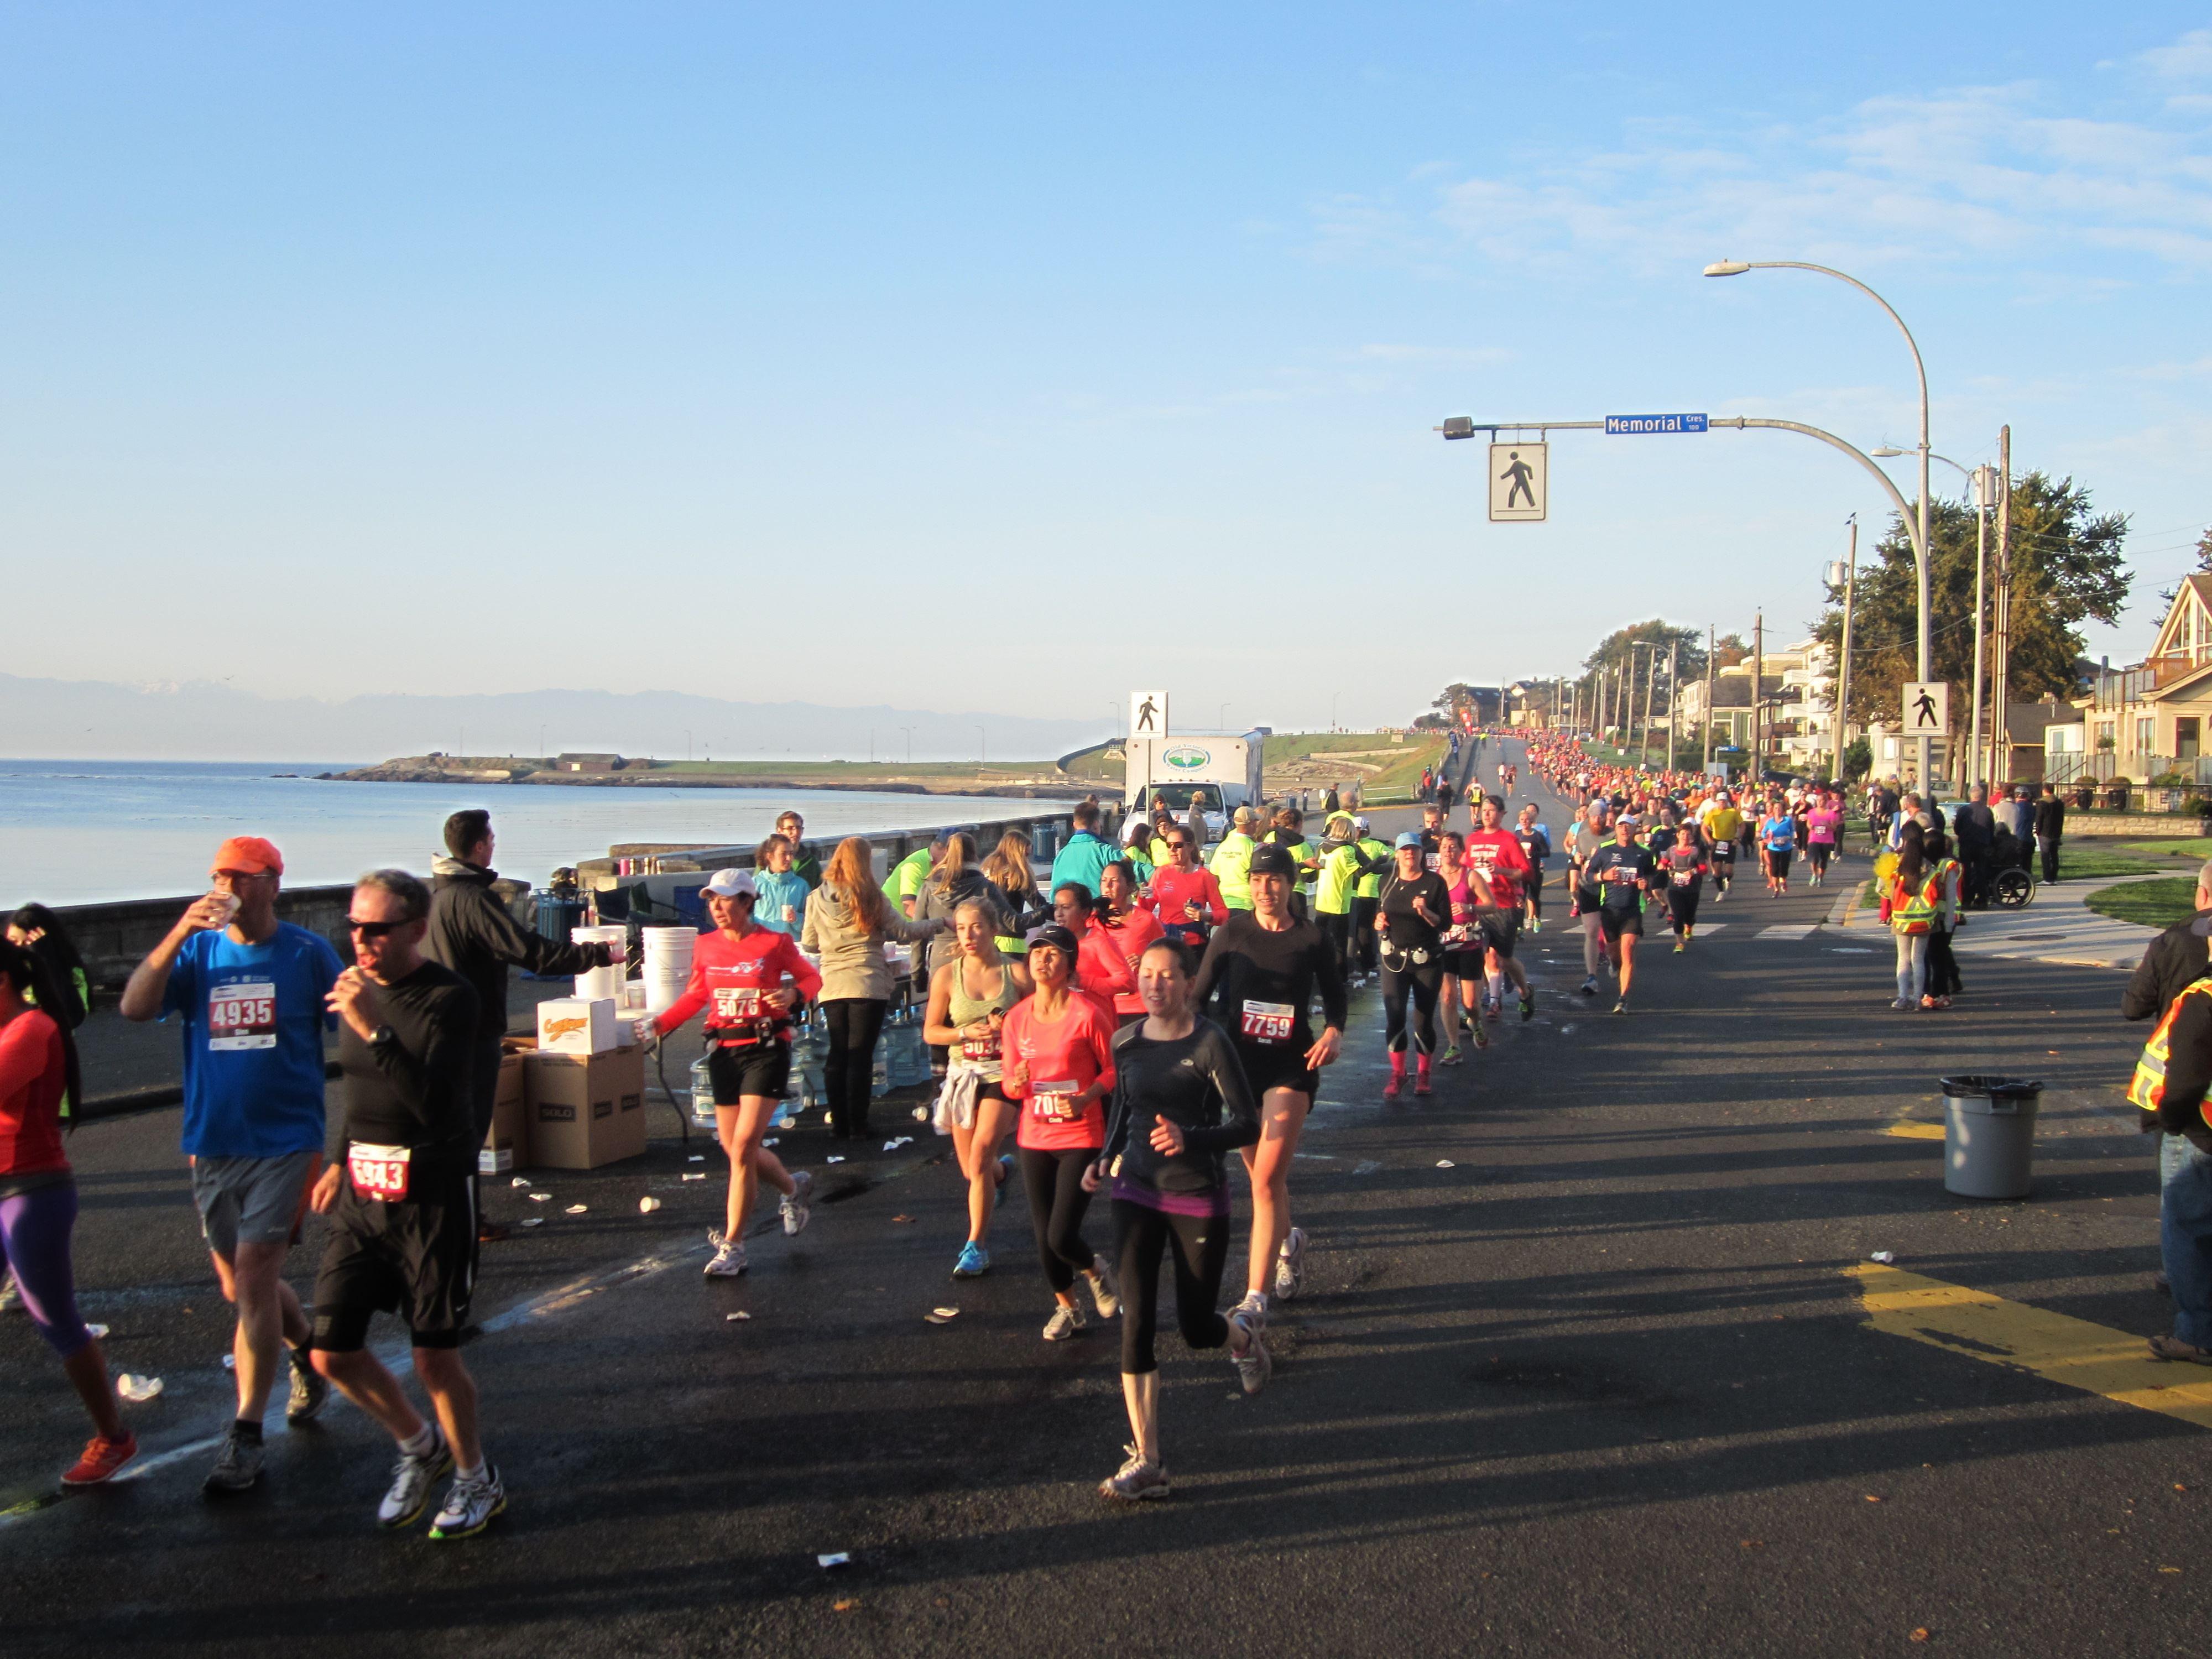 Vancouver Island Marathons